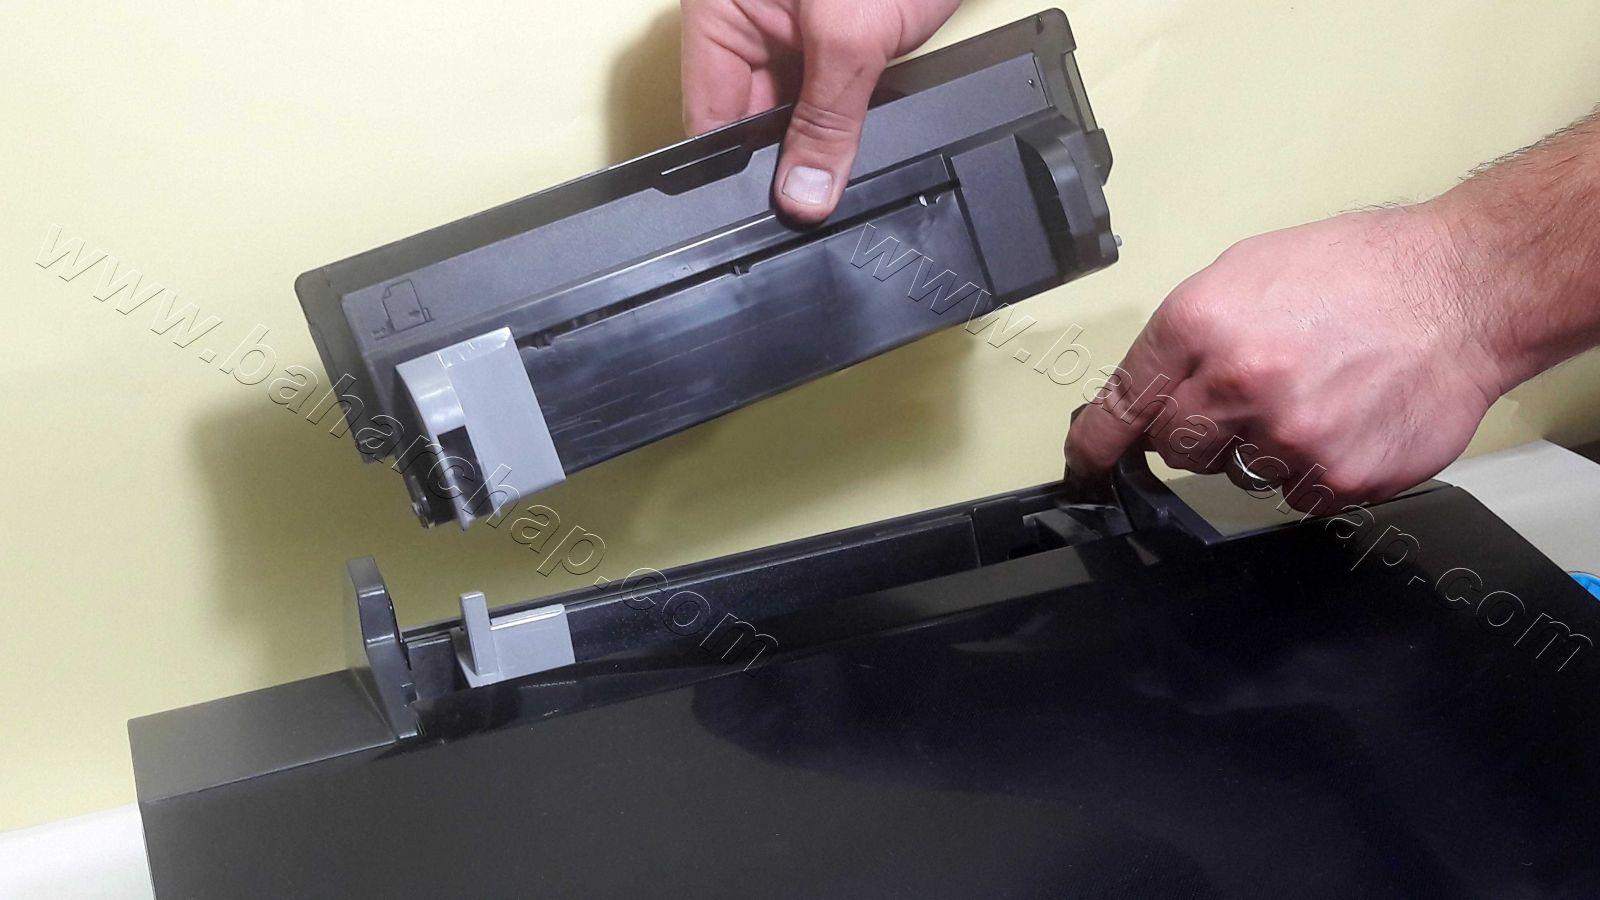 باز کردن درب نگهدارنده کاغذ اپسون L805